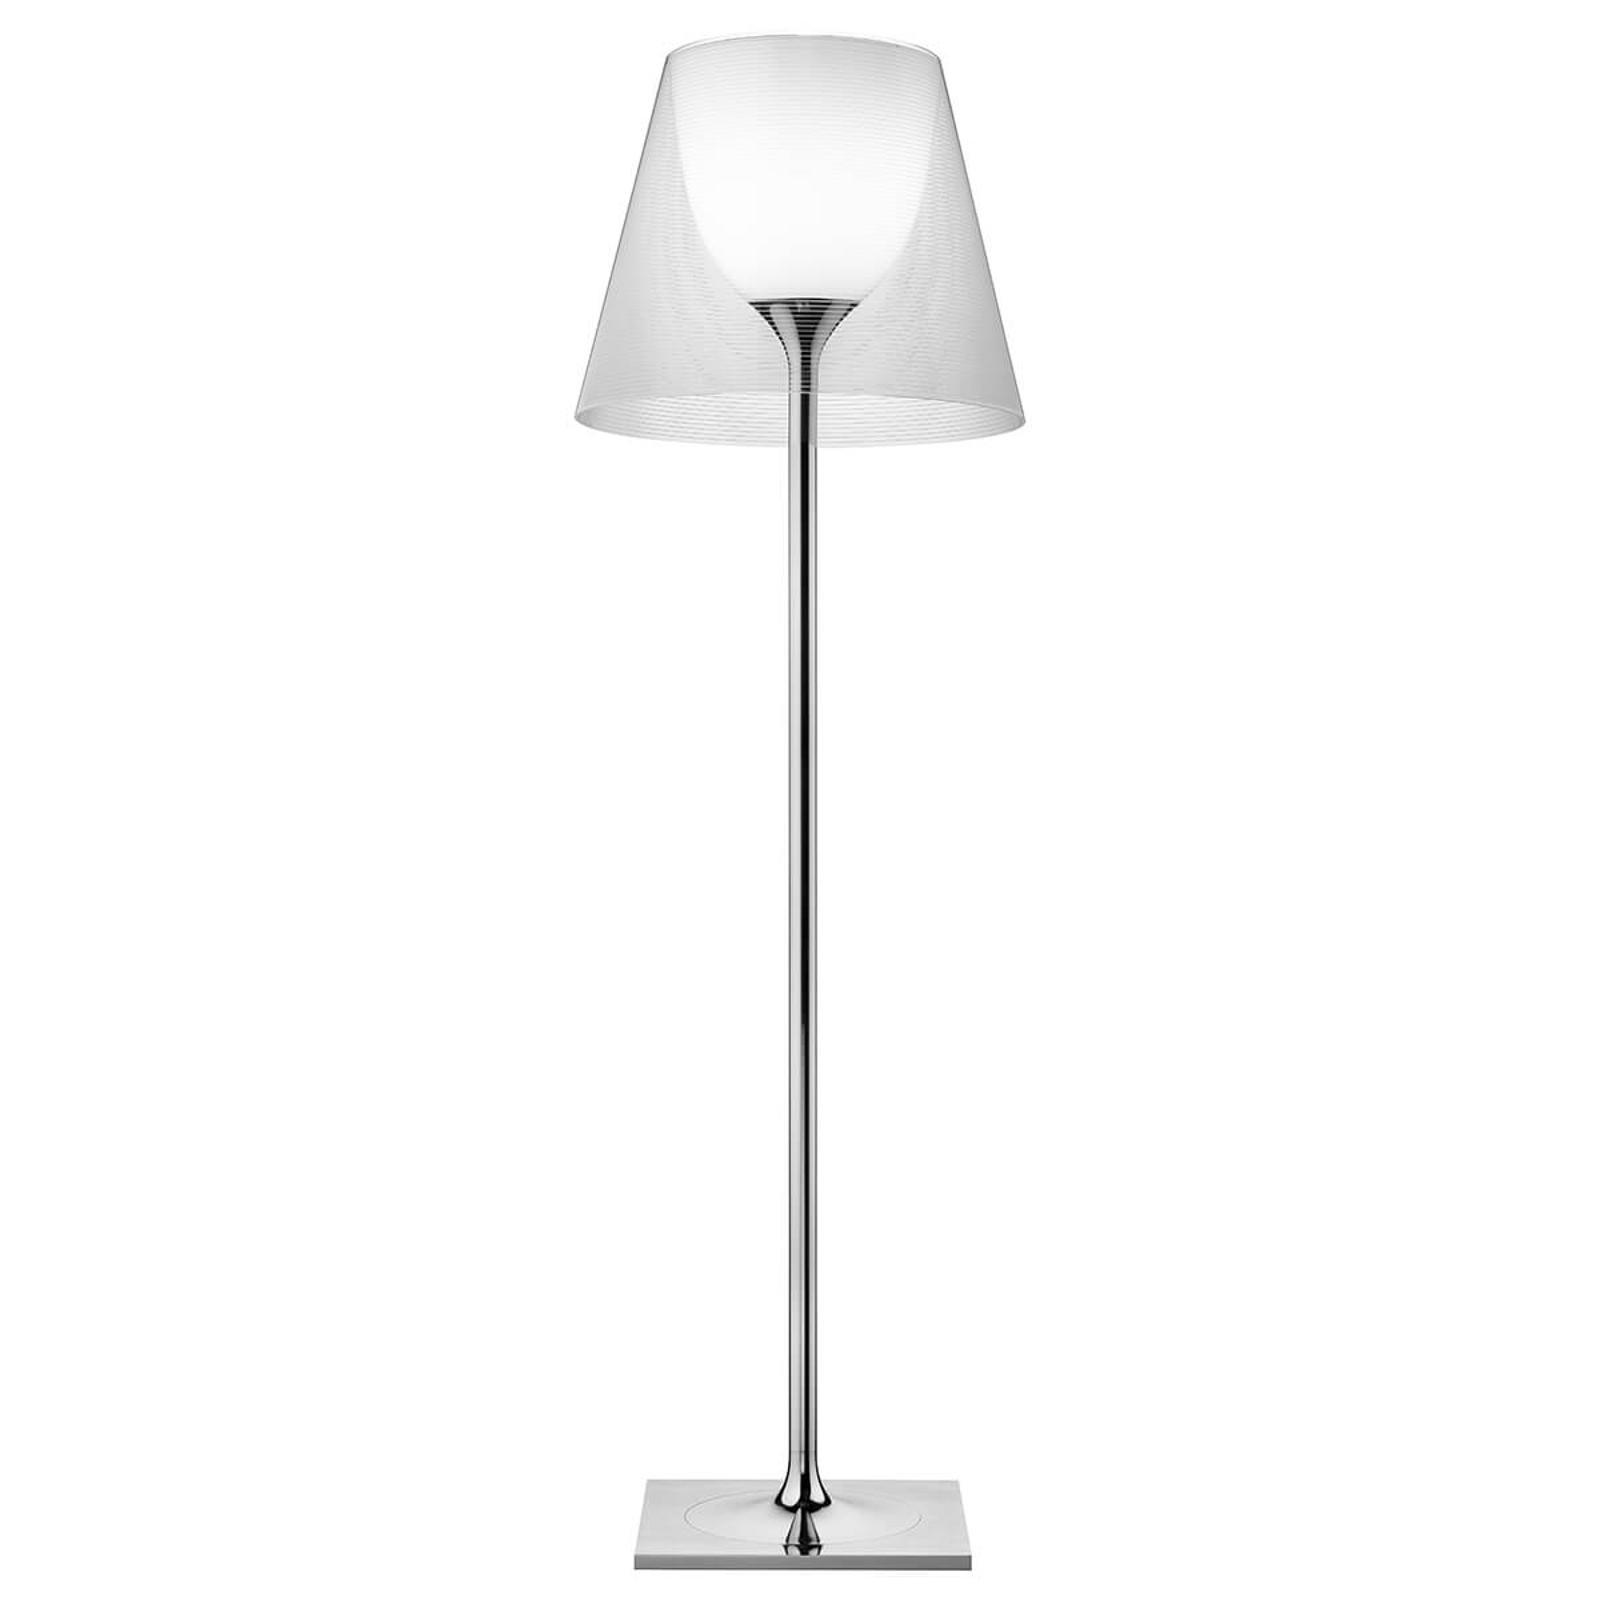 FLOS KTribe F3 stojaca lampa_3510137_1